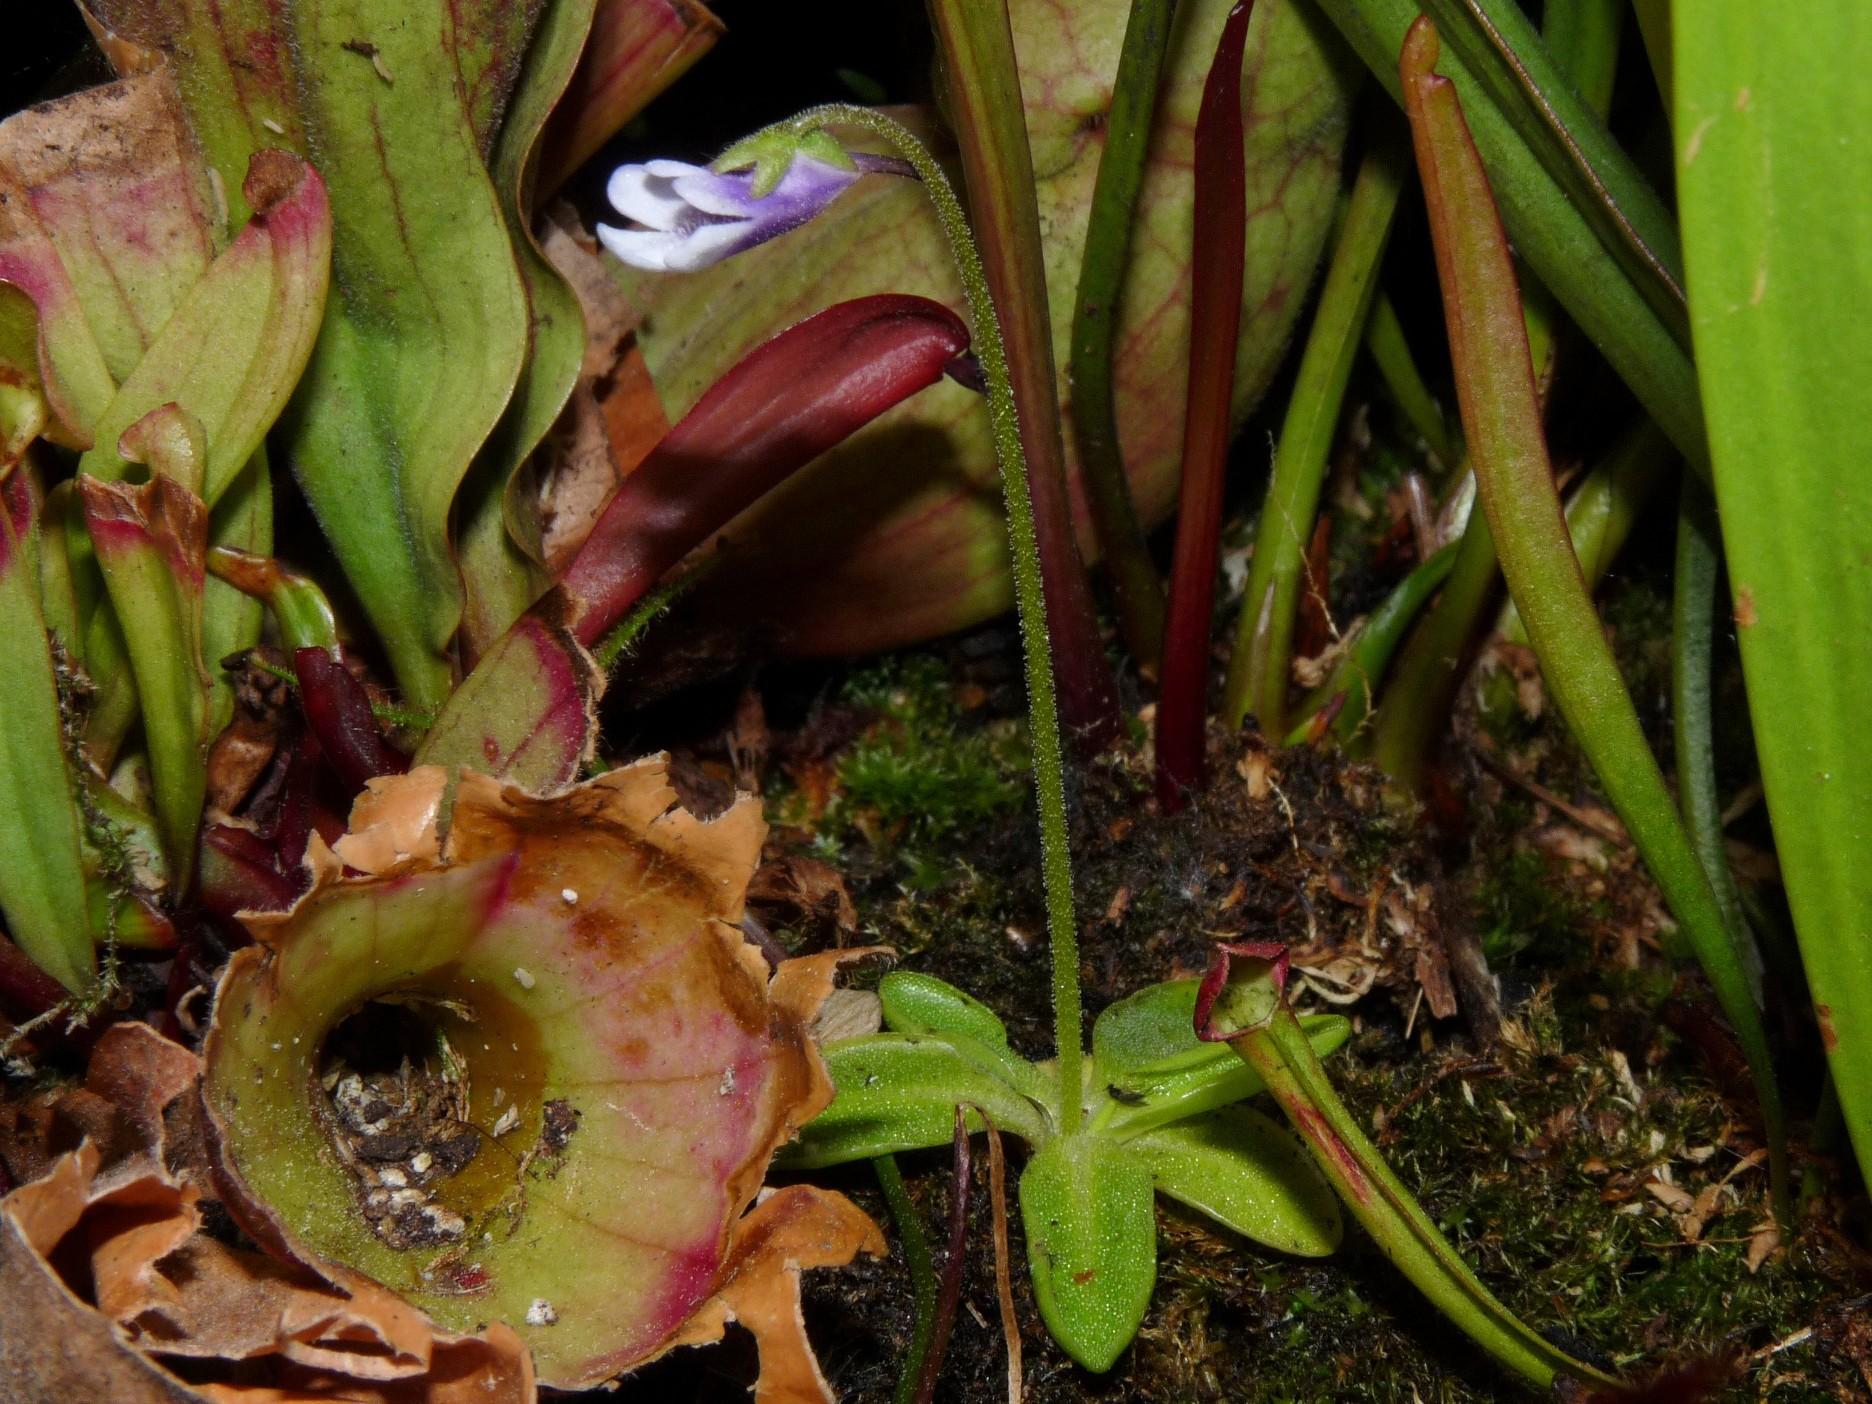 Kwitnący w pełni okazałości P vulgaris